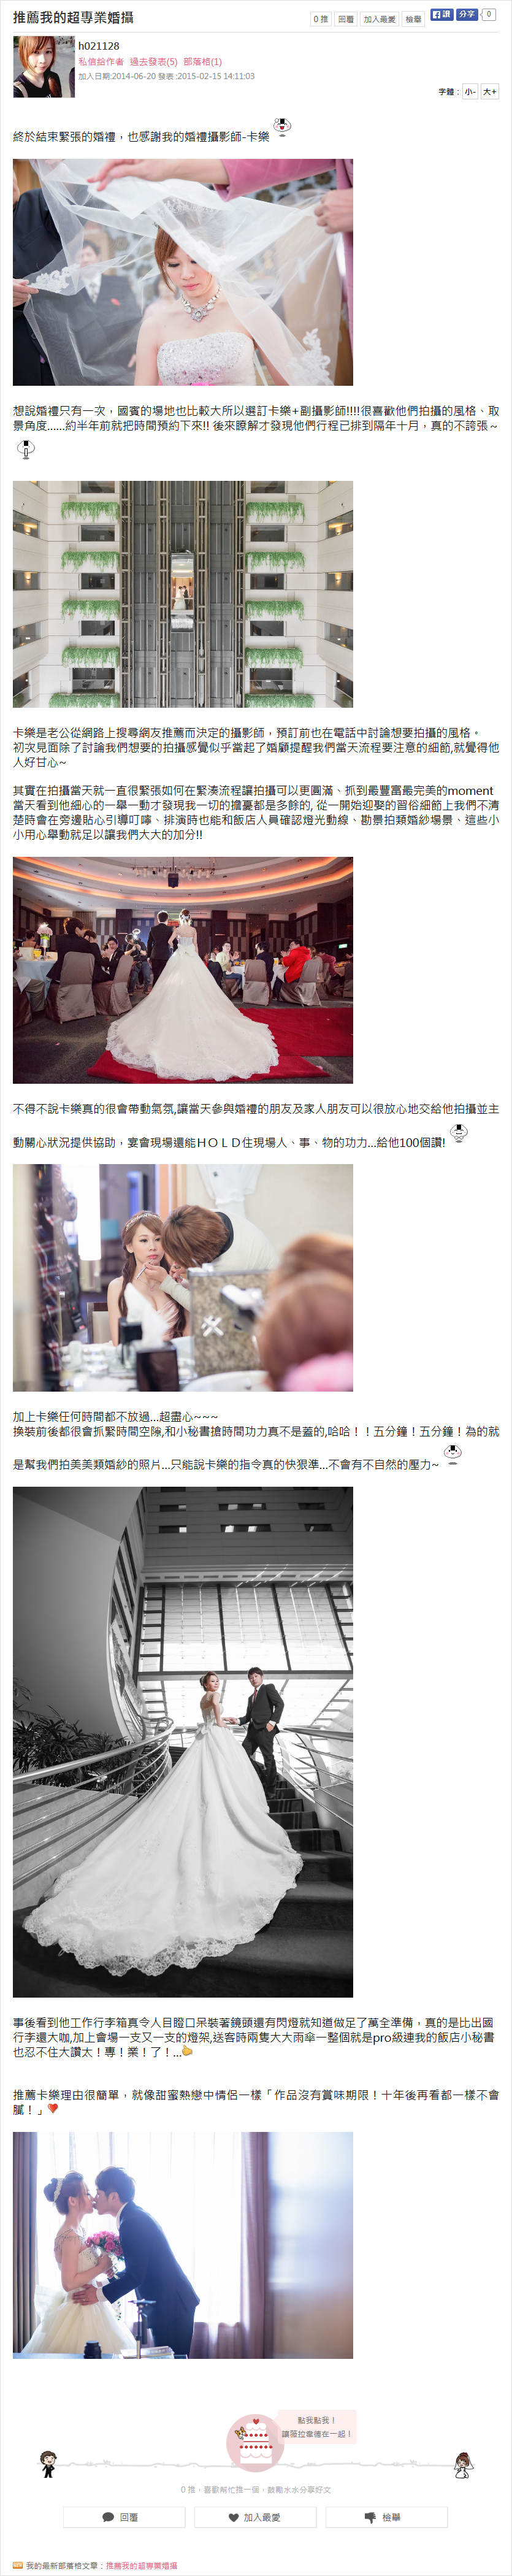 婚攝推薦,推薦婚攝,婚禮攝影師推薦,非常婚禮推薦,婚攝卡樂推薦,婚攝,150103非常婚禮